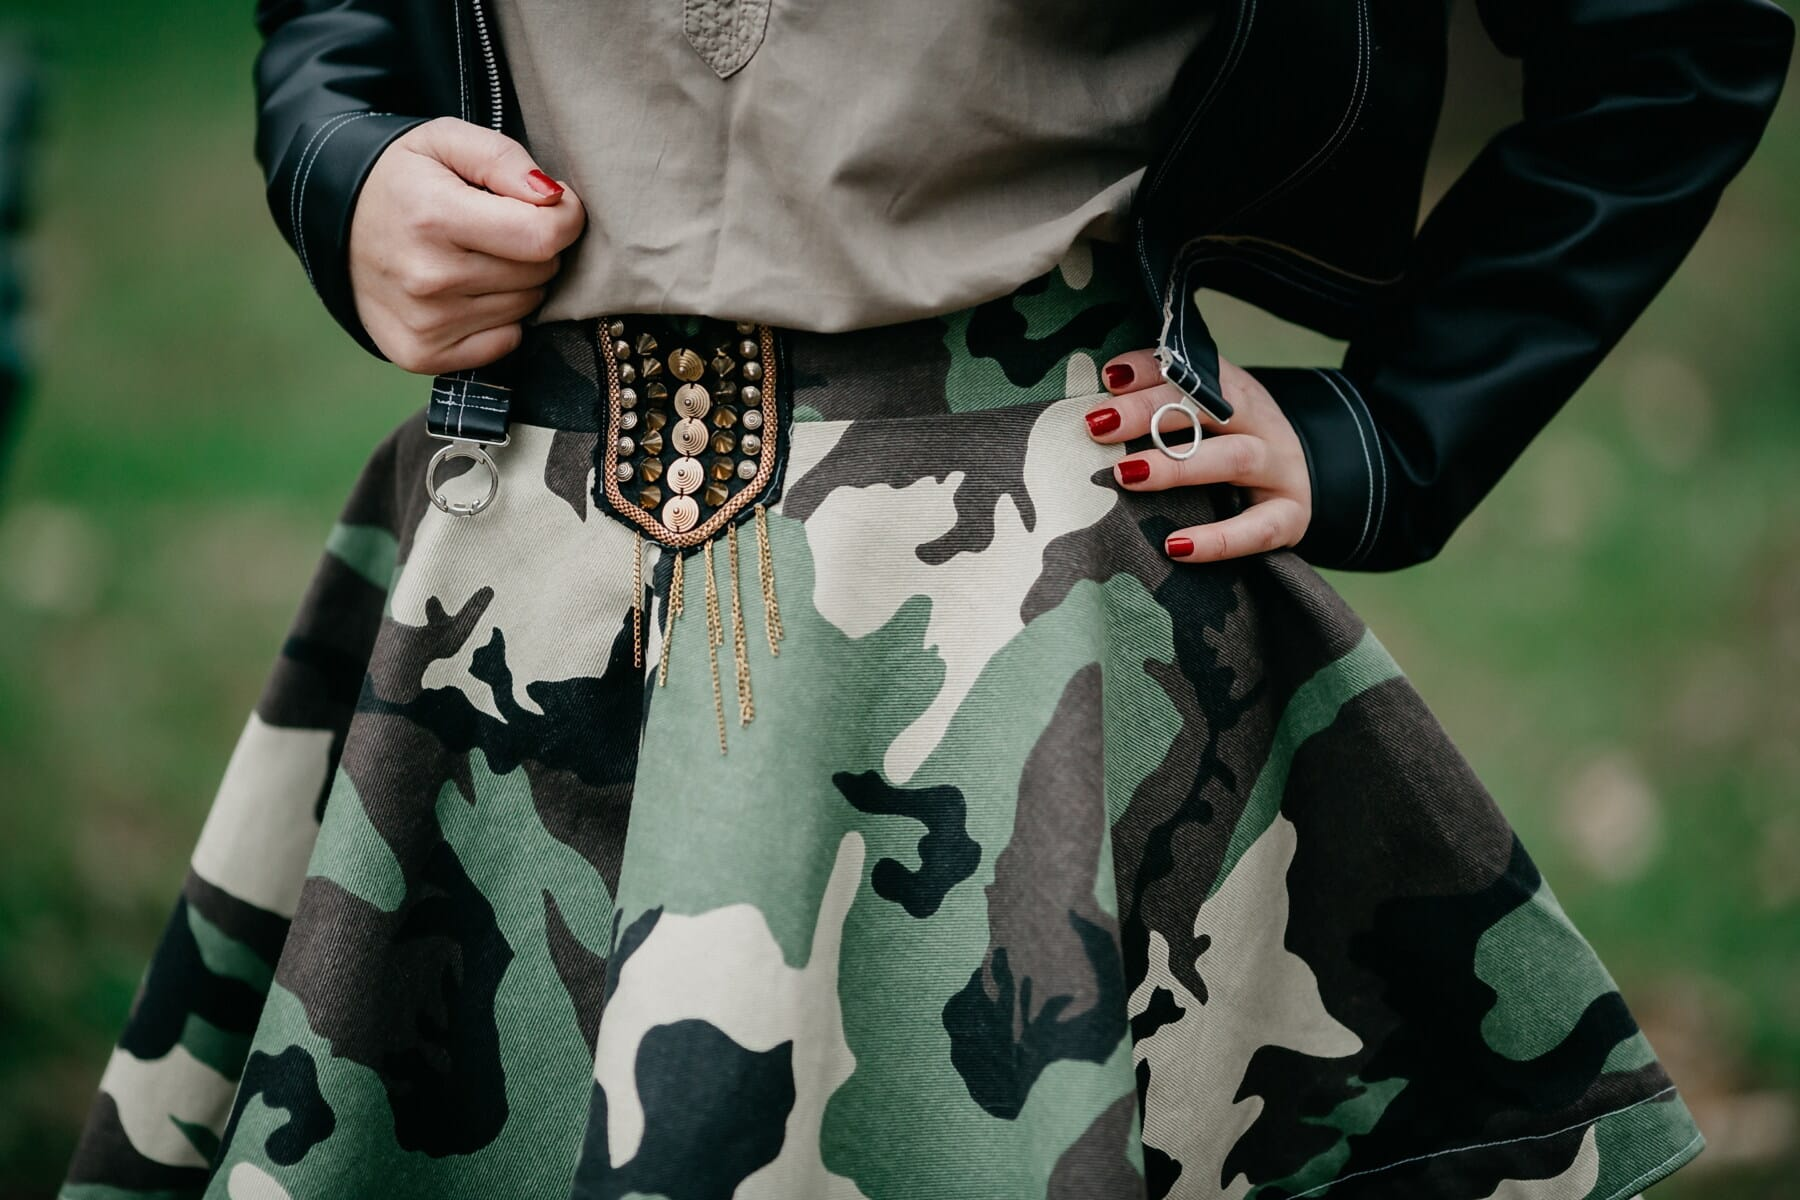 伪装, 军事, 时尚, 统一, 裙子, 女人, 设计, 夹克, 皮革, 手